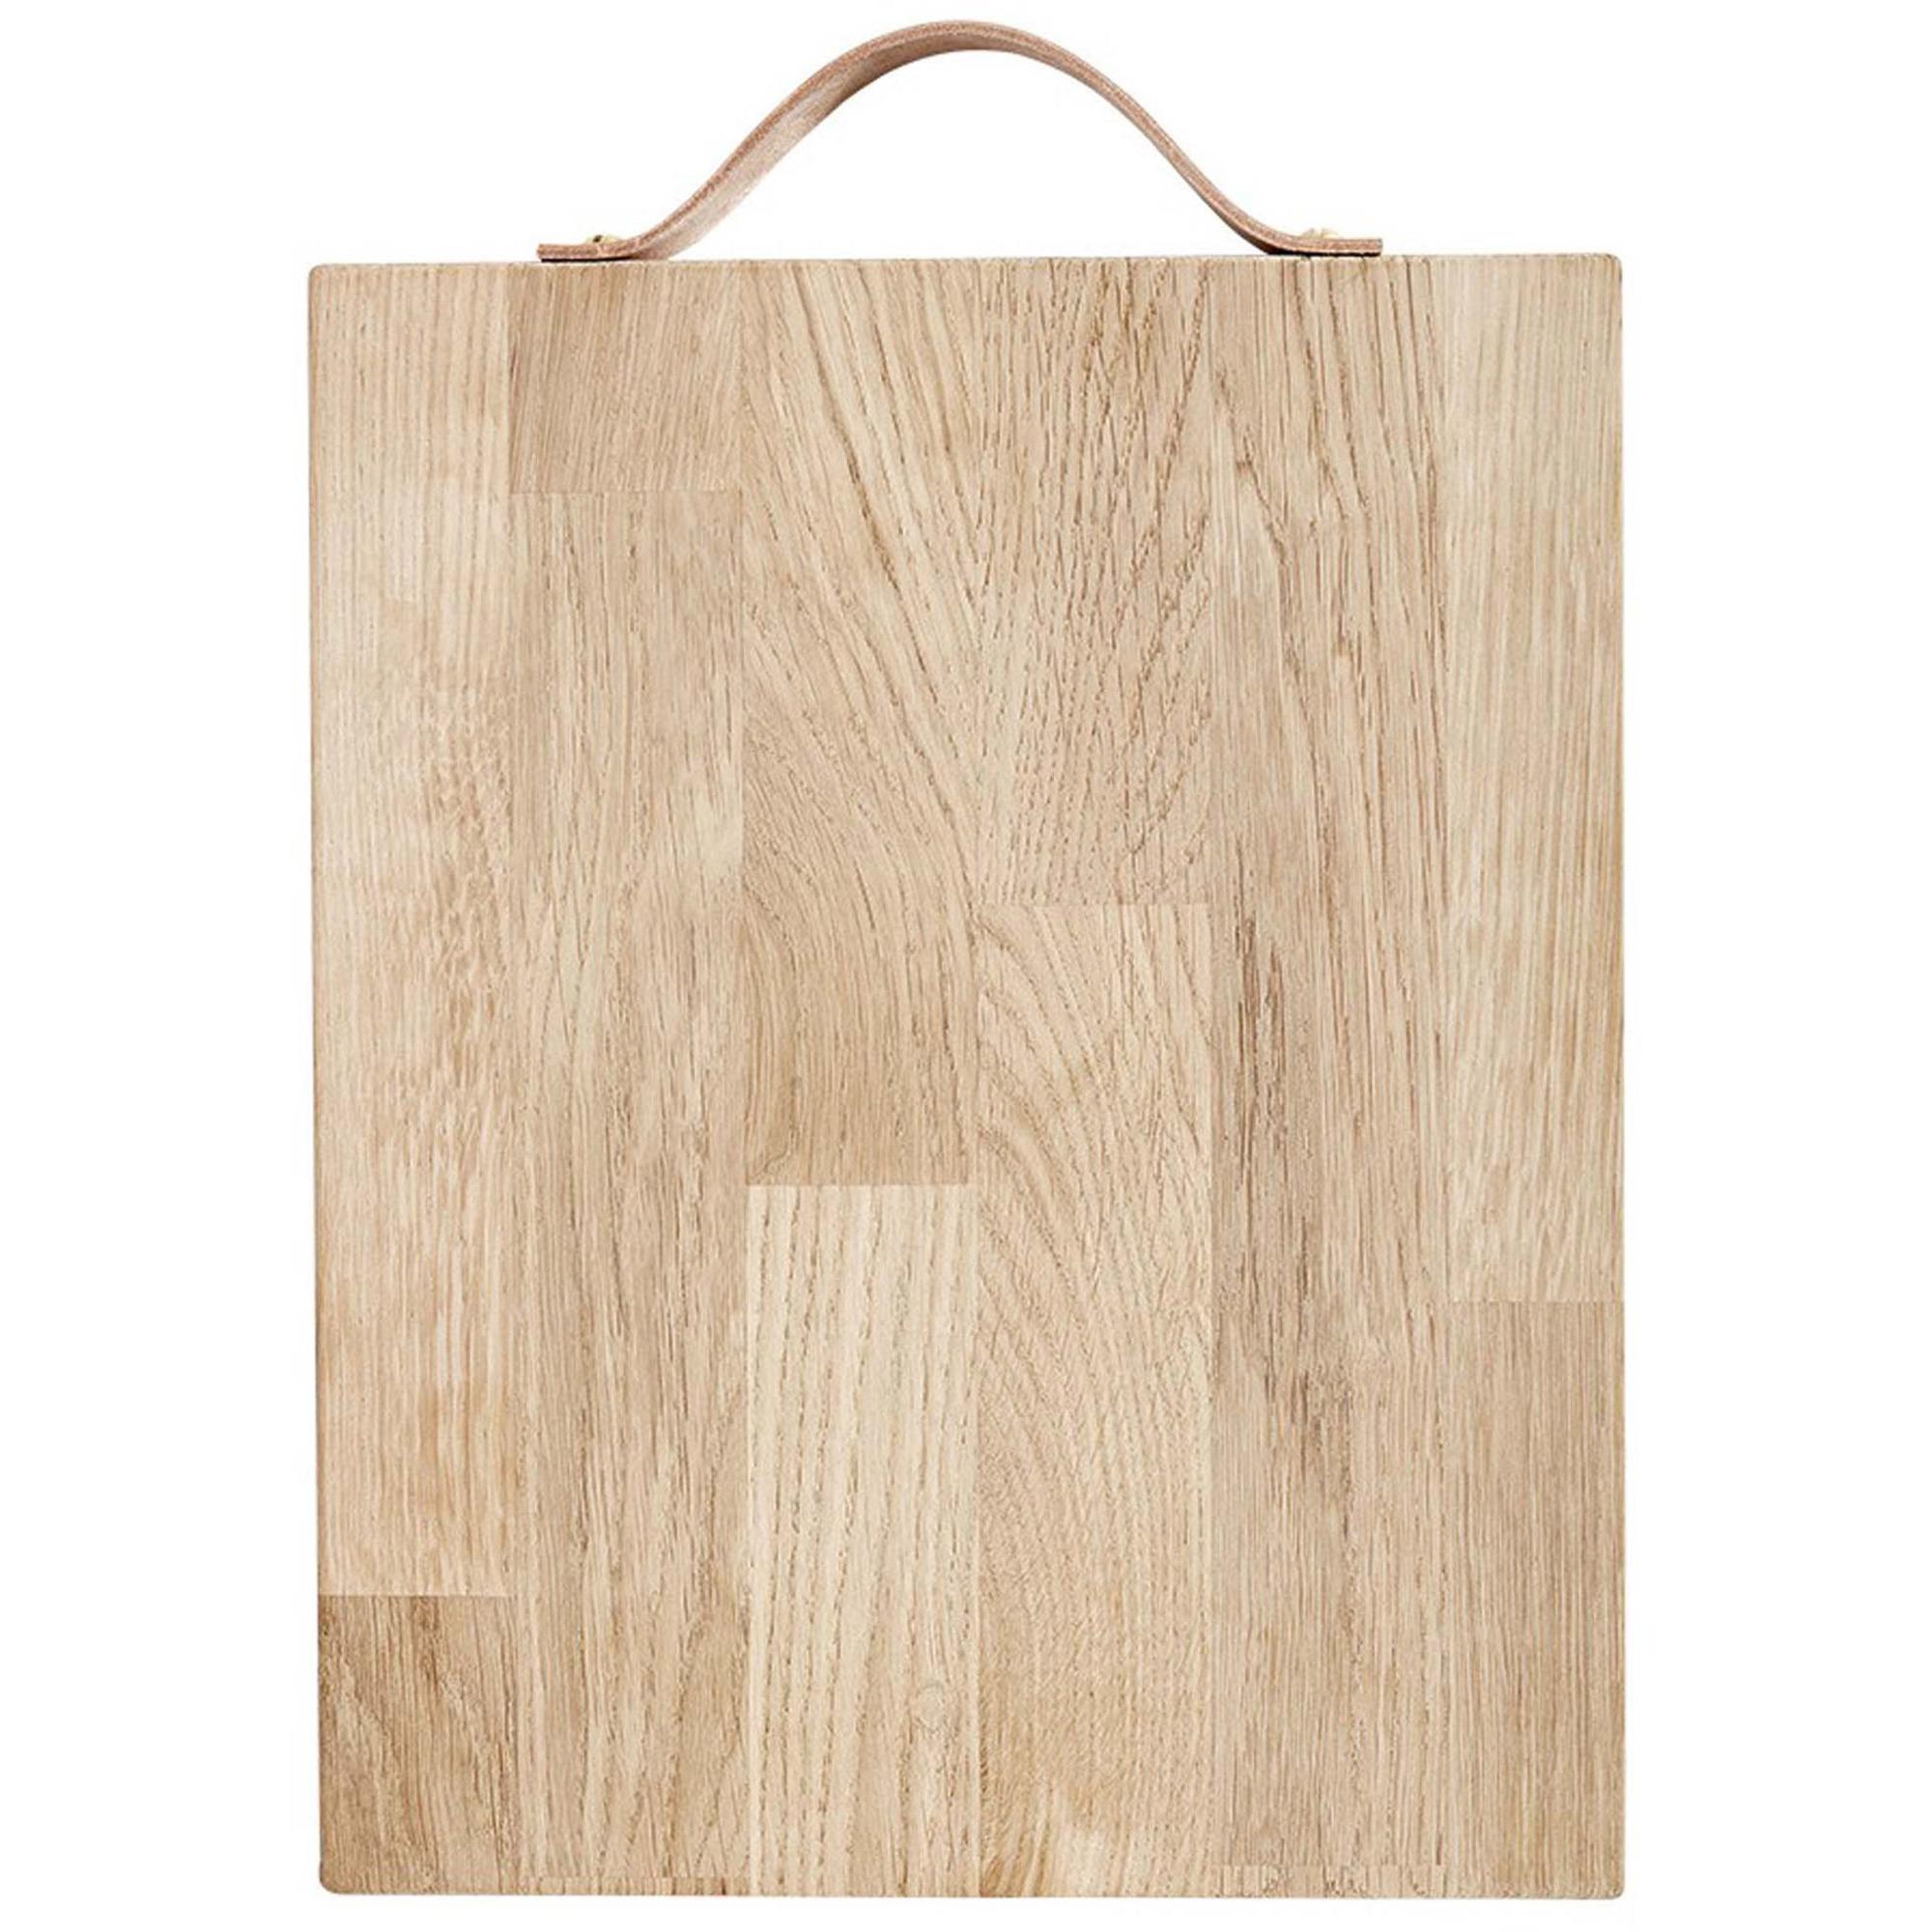 Andersen Furniture Serveringsbräda med läderhandtag 30 x 24 cm Oak